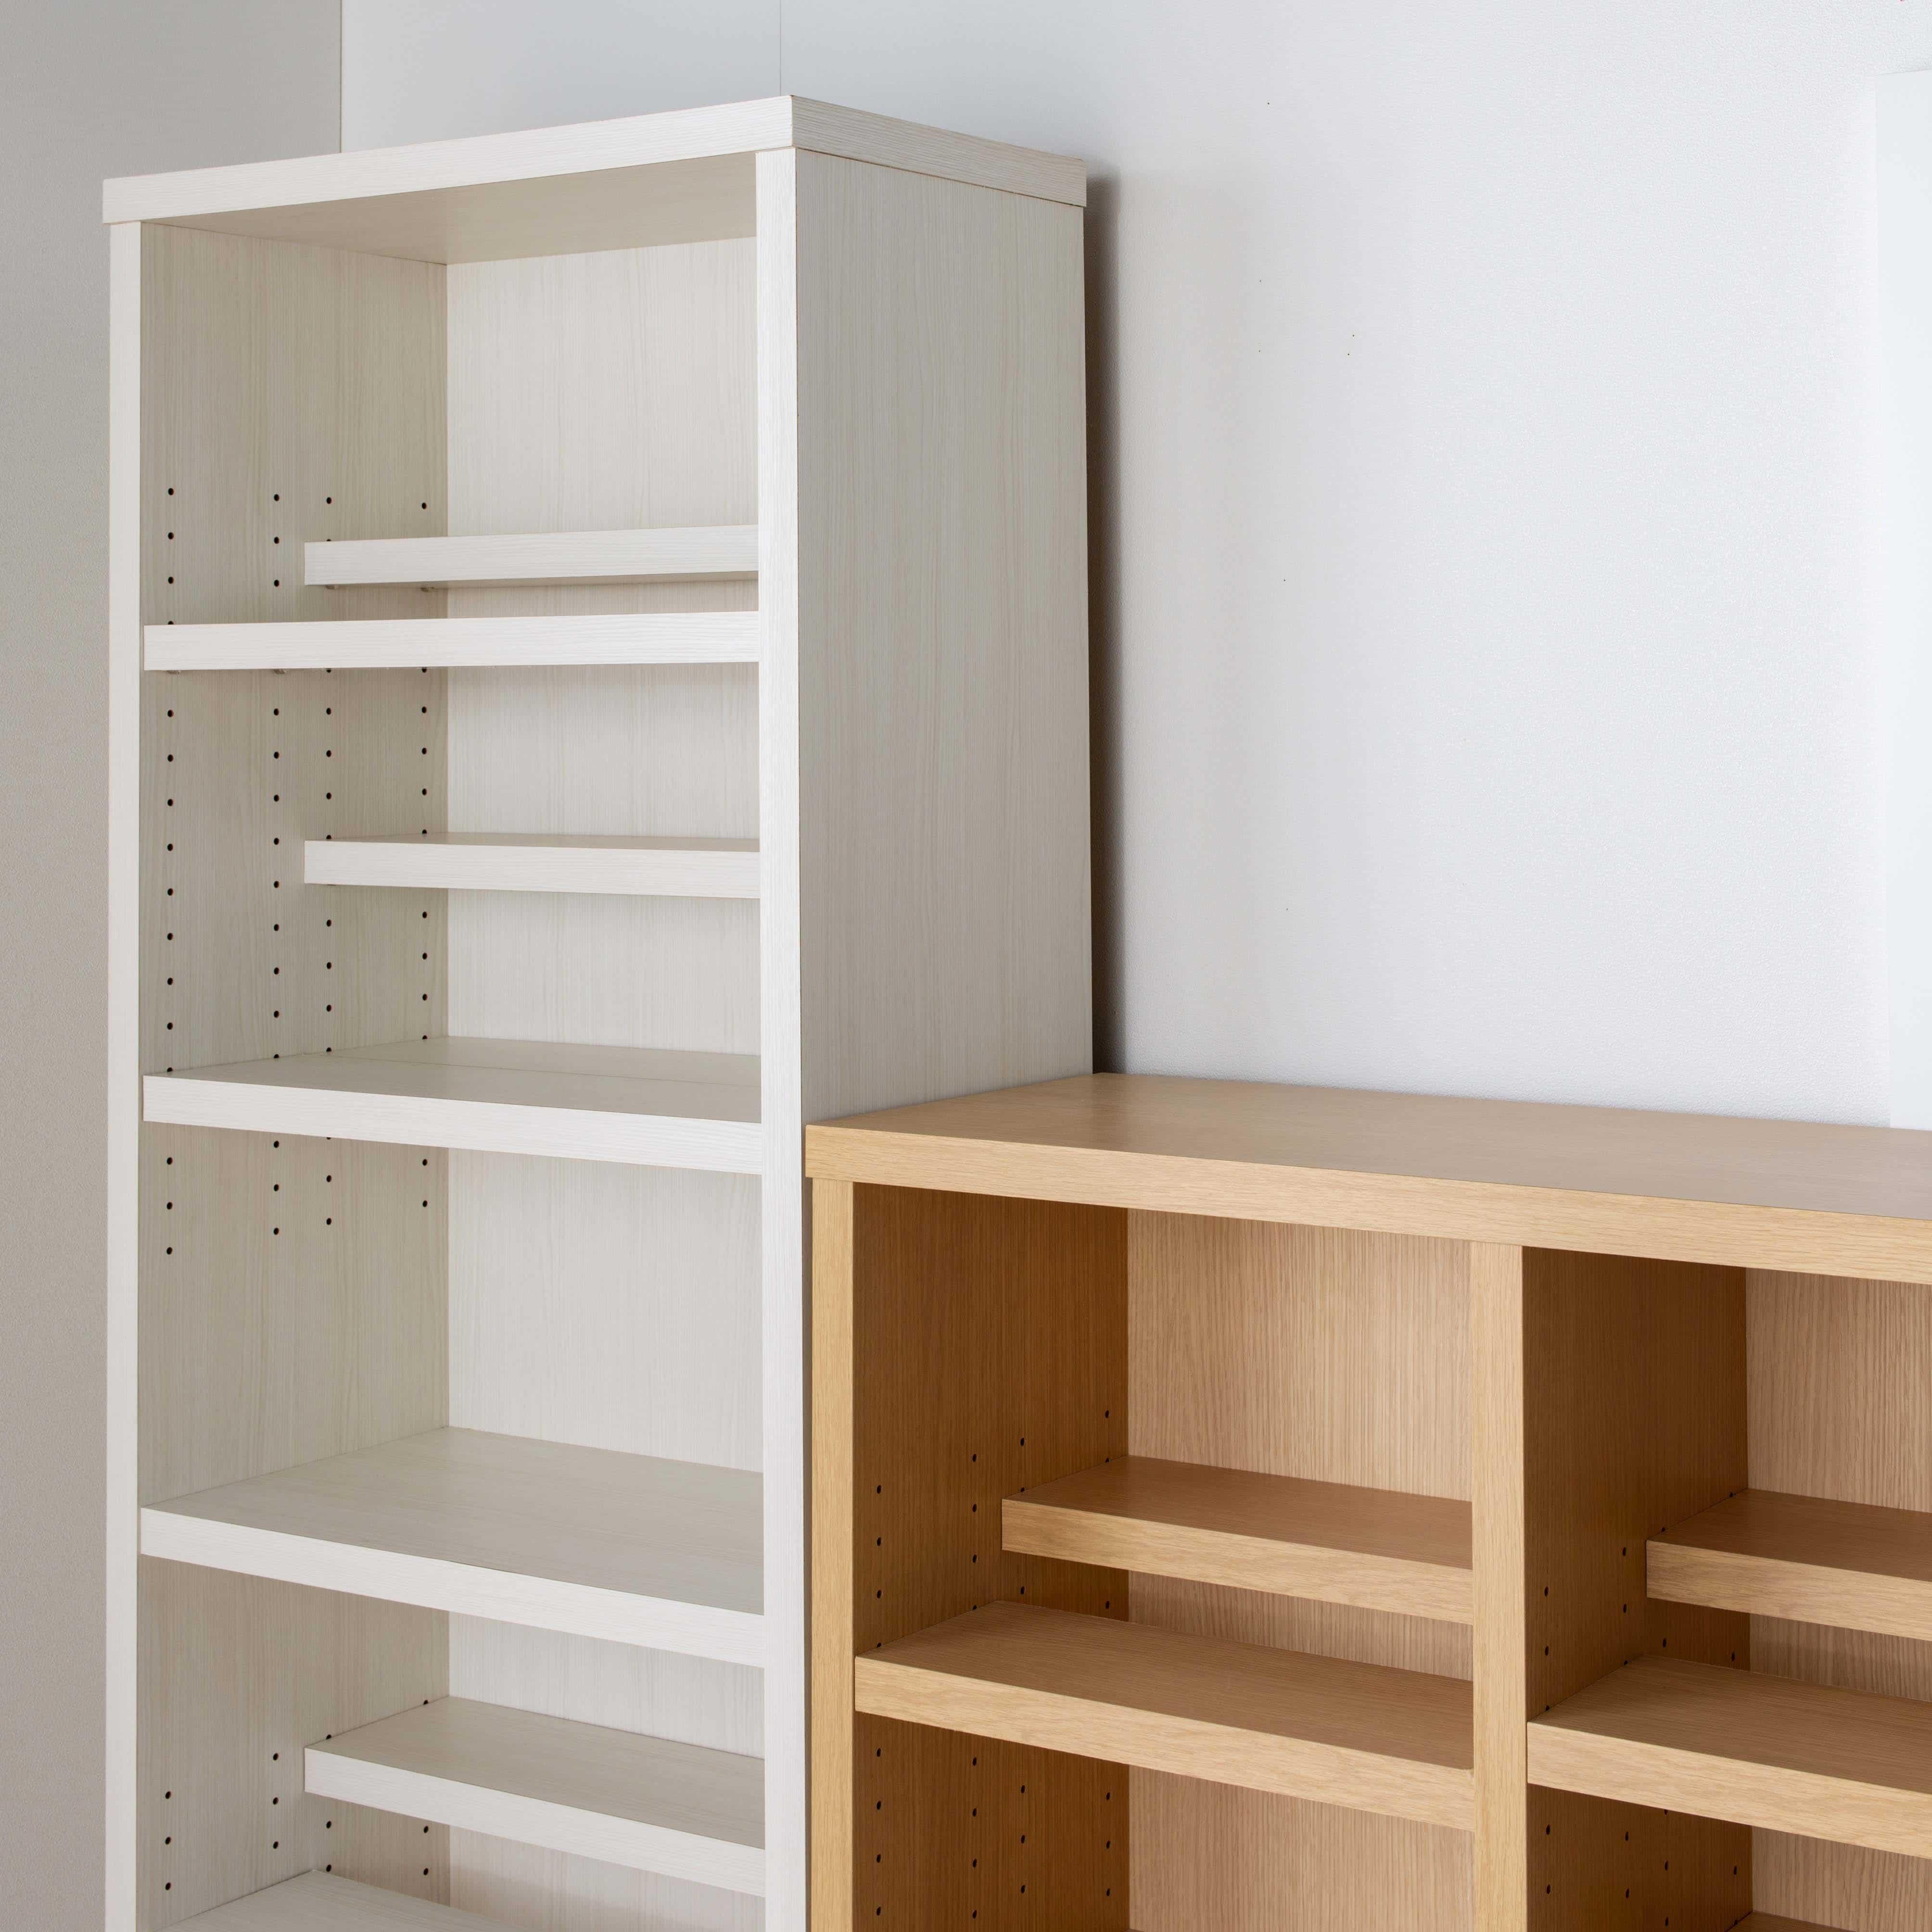 書棚 スカーラ 90Hフリーボード (ウォールナット):ロータイプはサイドボードとしても使用可能